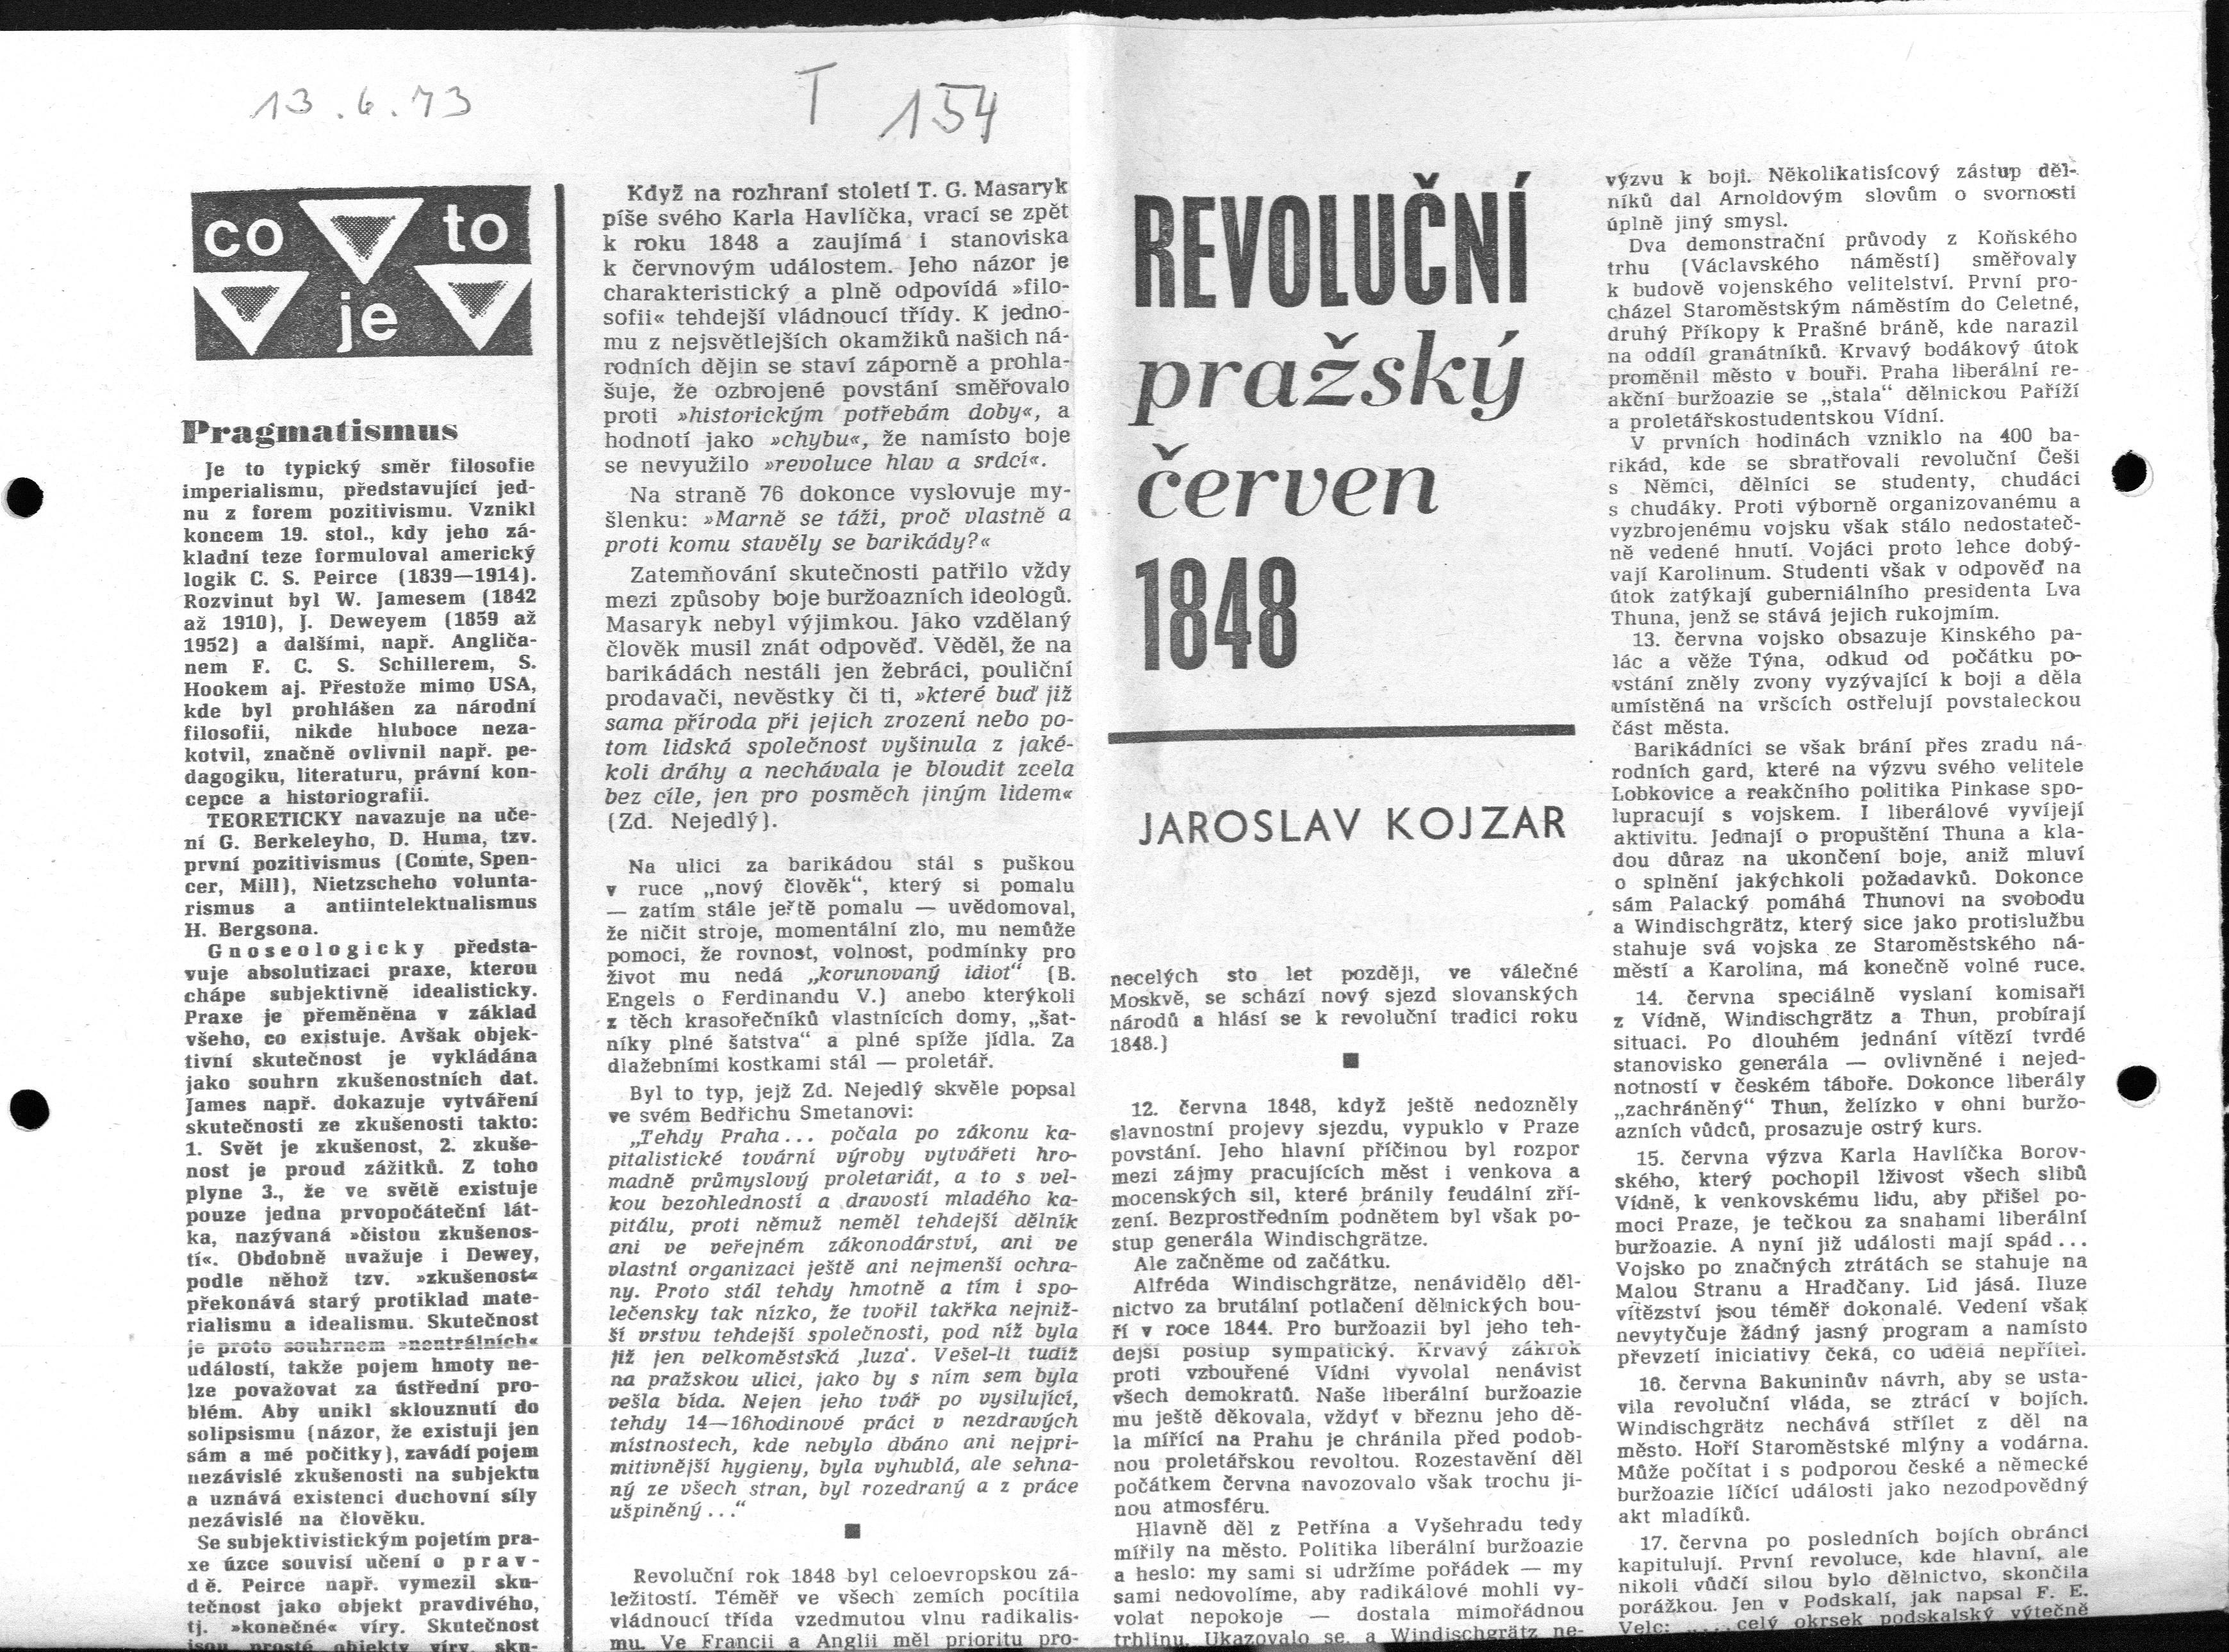 Zeitungsartikel: Revolution 1848 von Jaroslav Kojzar